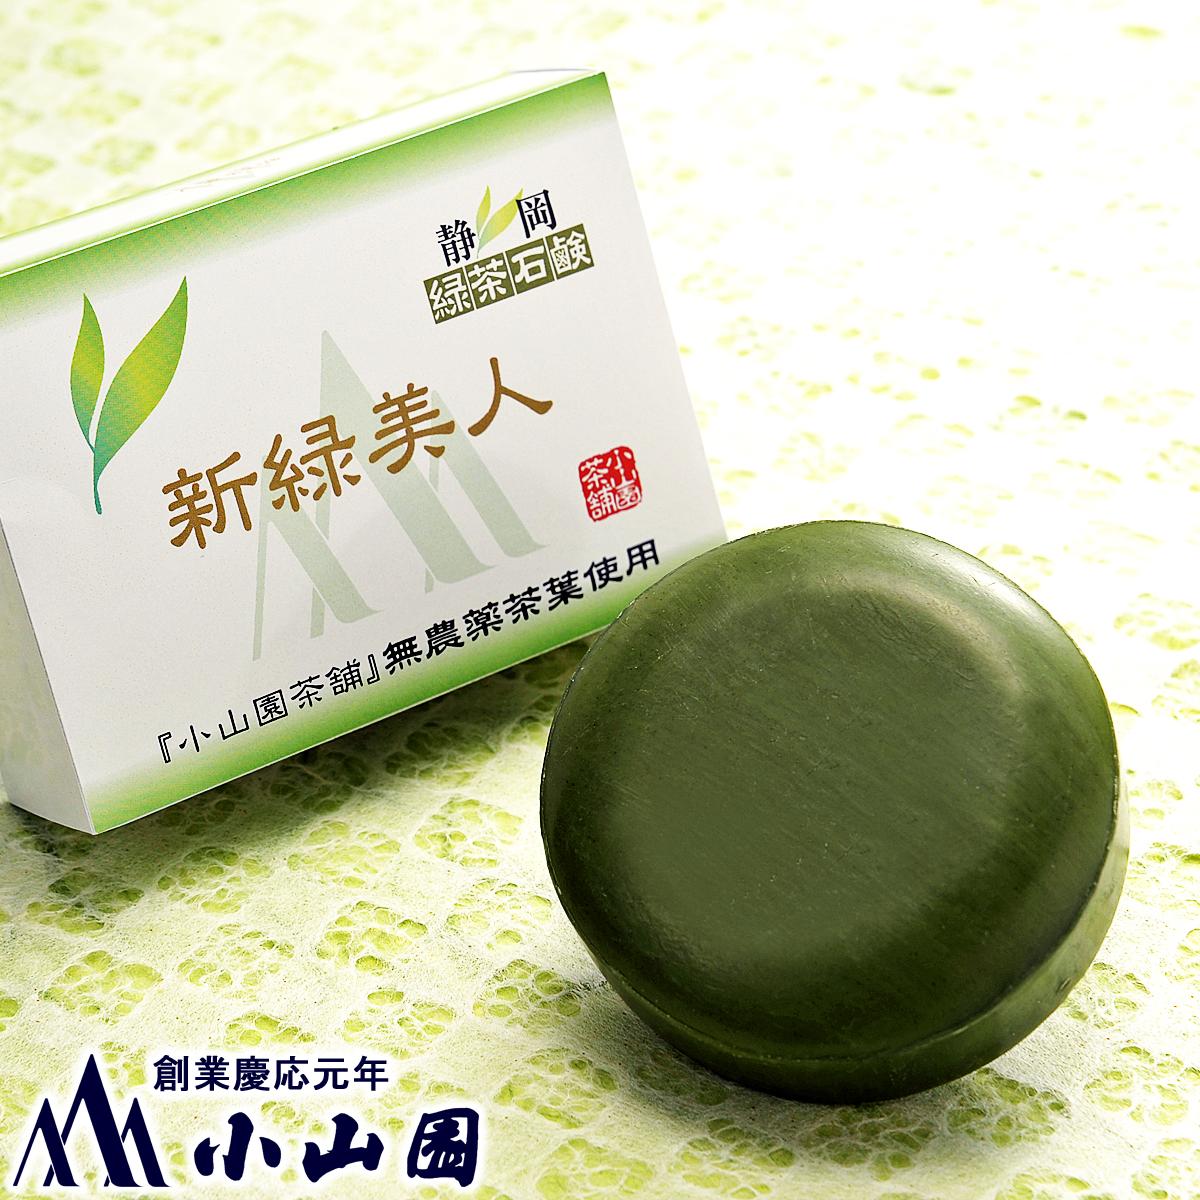 当店が厳選しました無農薬栽培の静岡茶の美肌成分と、ヒアルロン酸・コラーゲンを含んだ石けんです。 静岡緑茶石鹸「新緑美人」100g箱入 (泡立てネット付)